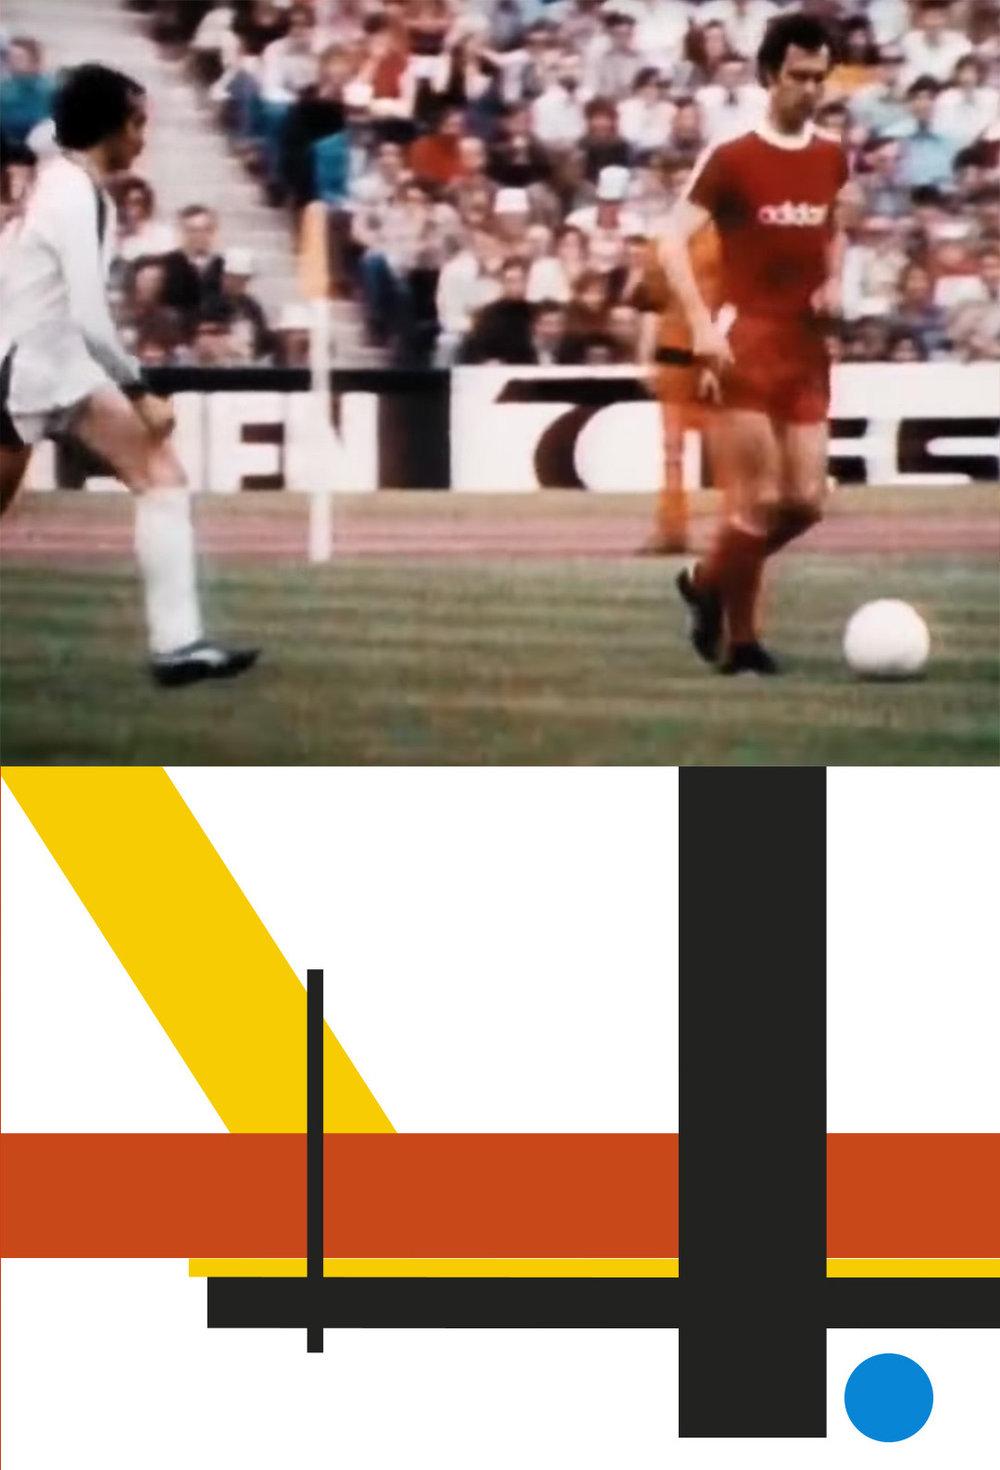 Beckenbauers elegant composed posture mirrors Bauhaus geometric design